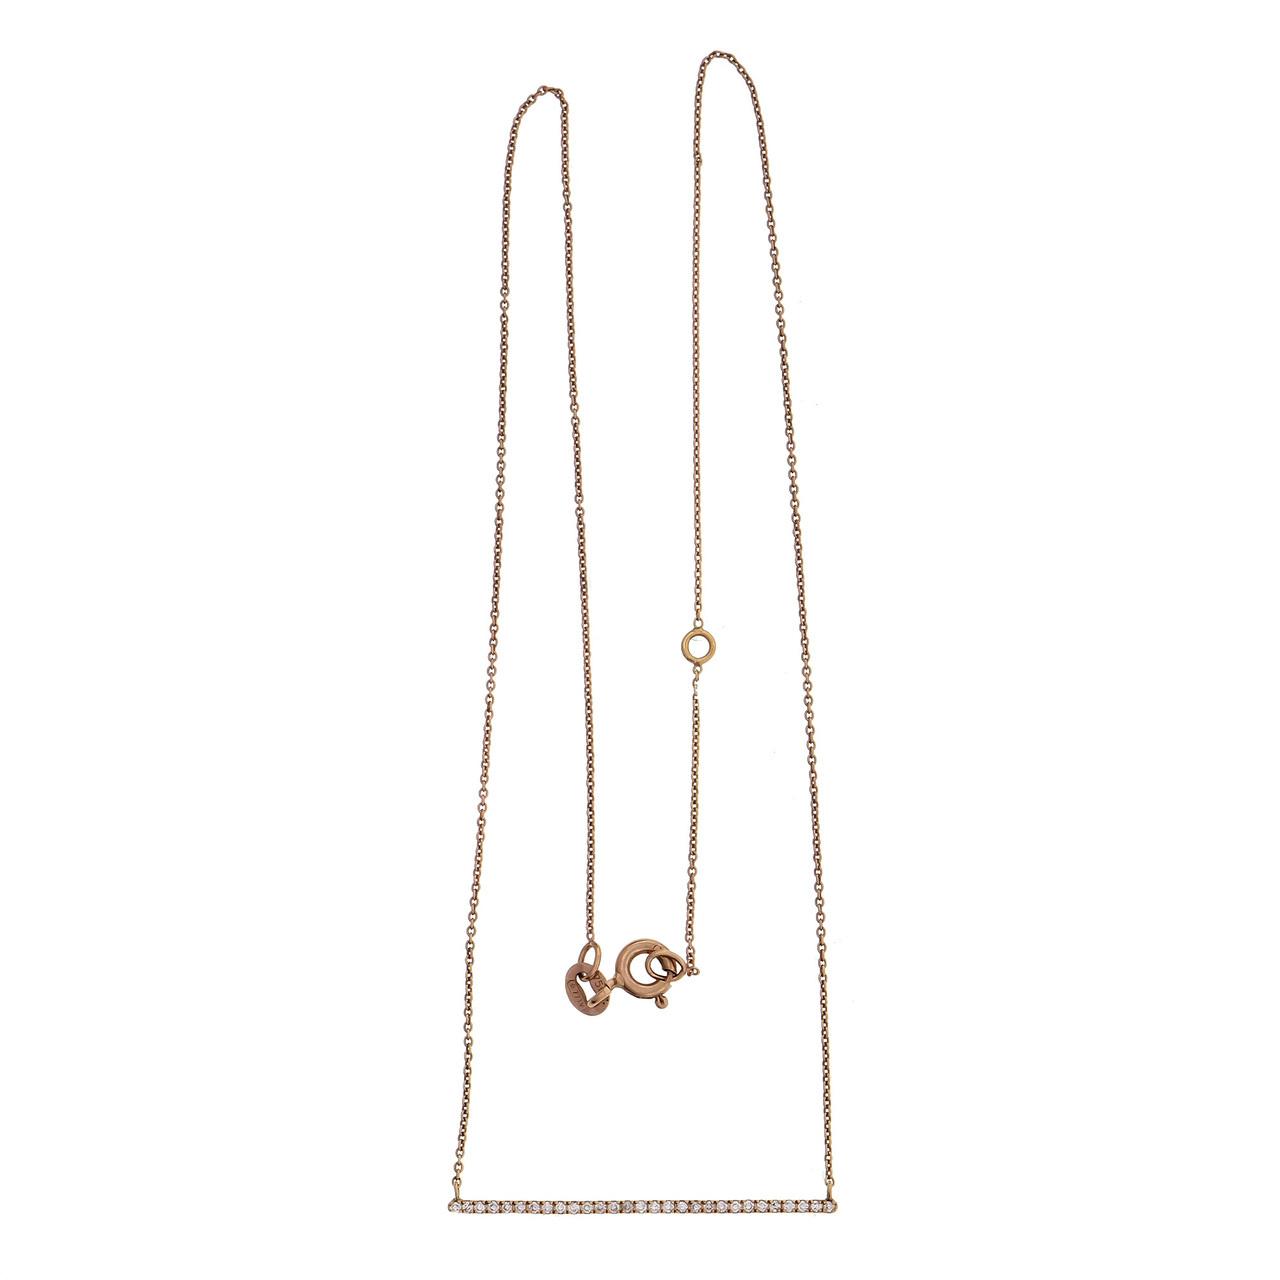 Bar Jewelry - Styles to Wear